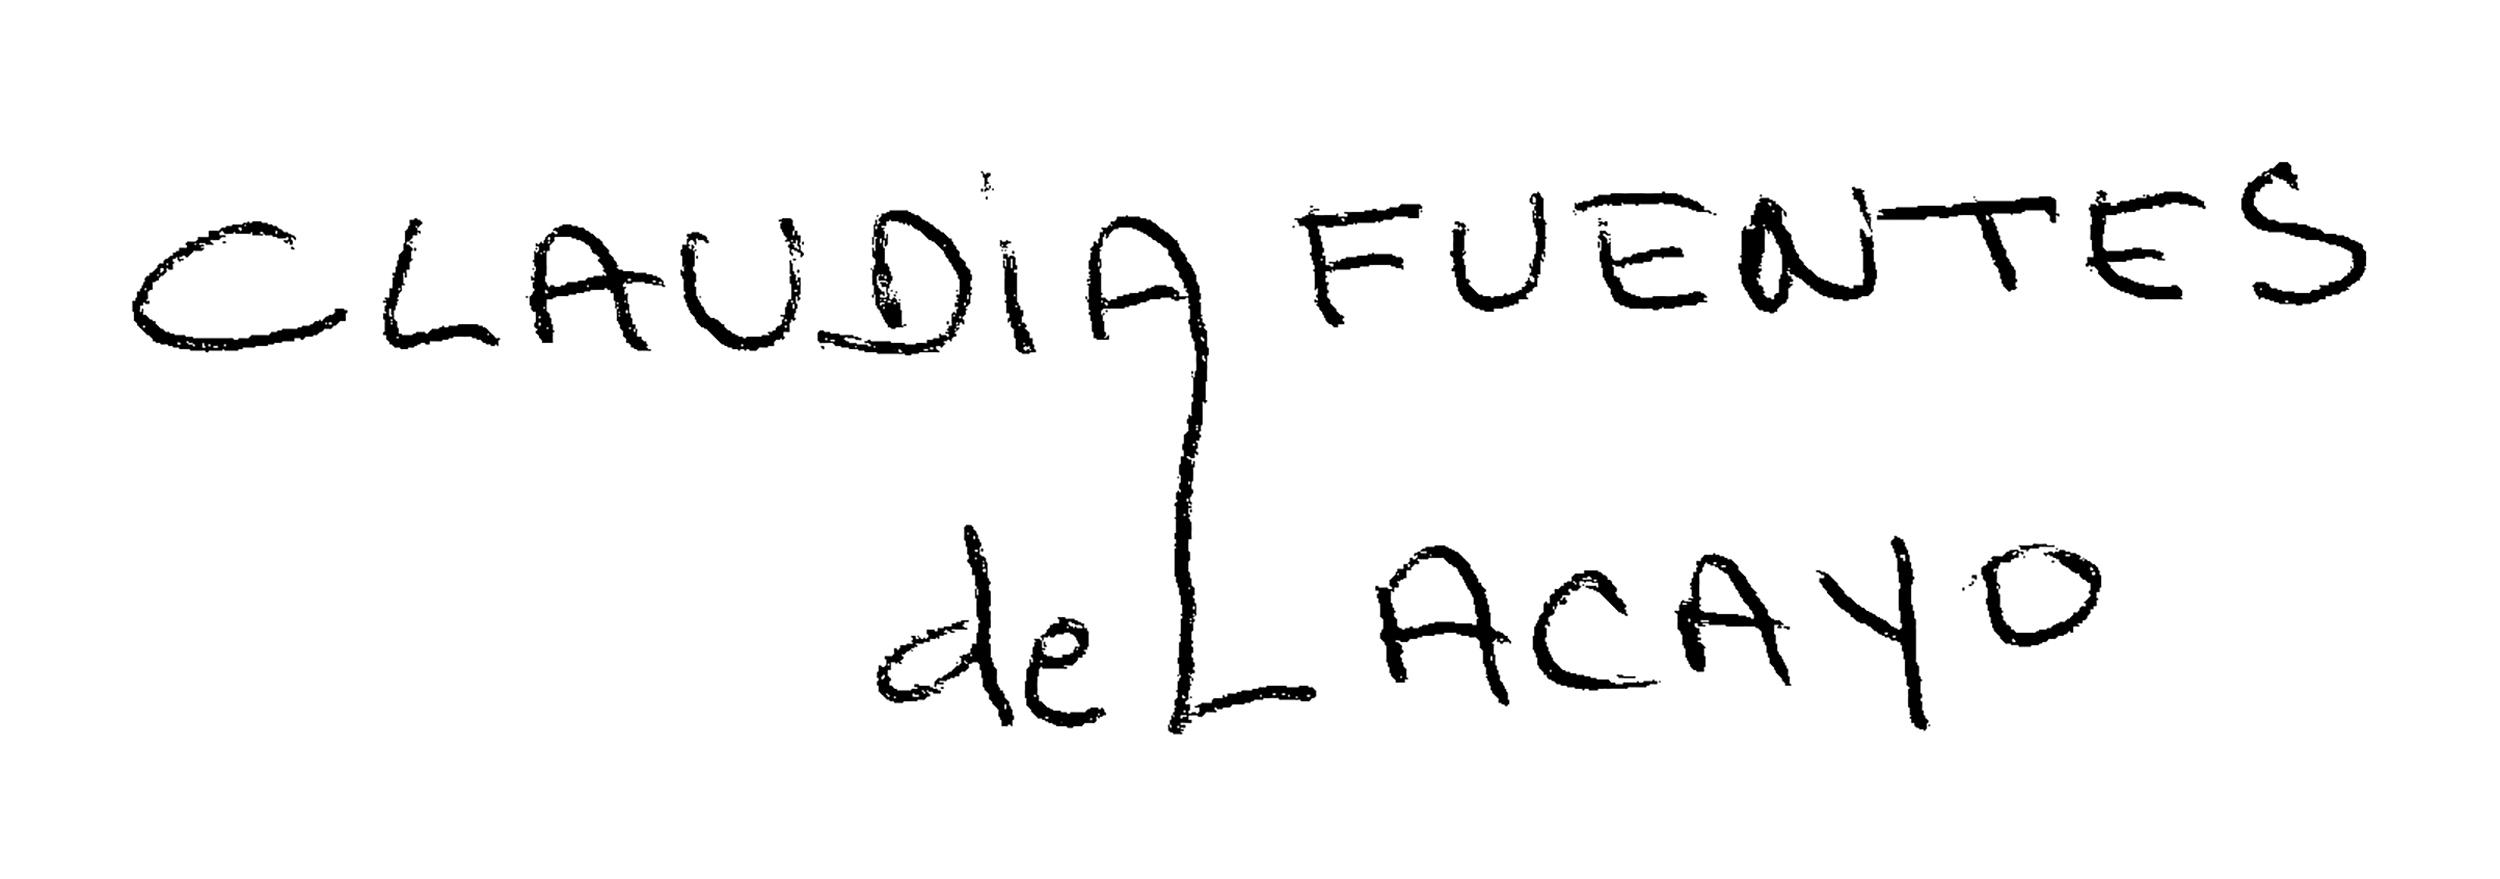 claudia fuentes de lacayo's Signature